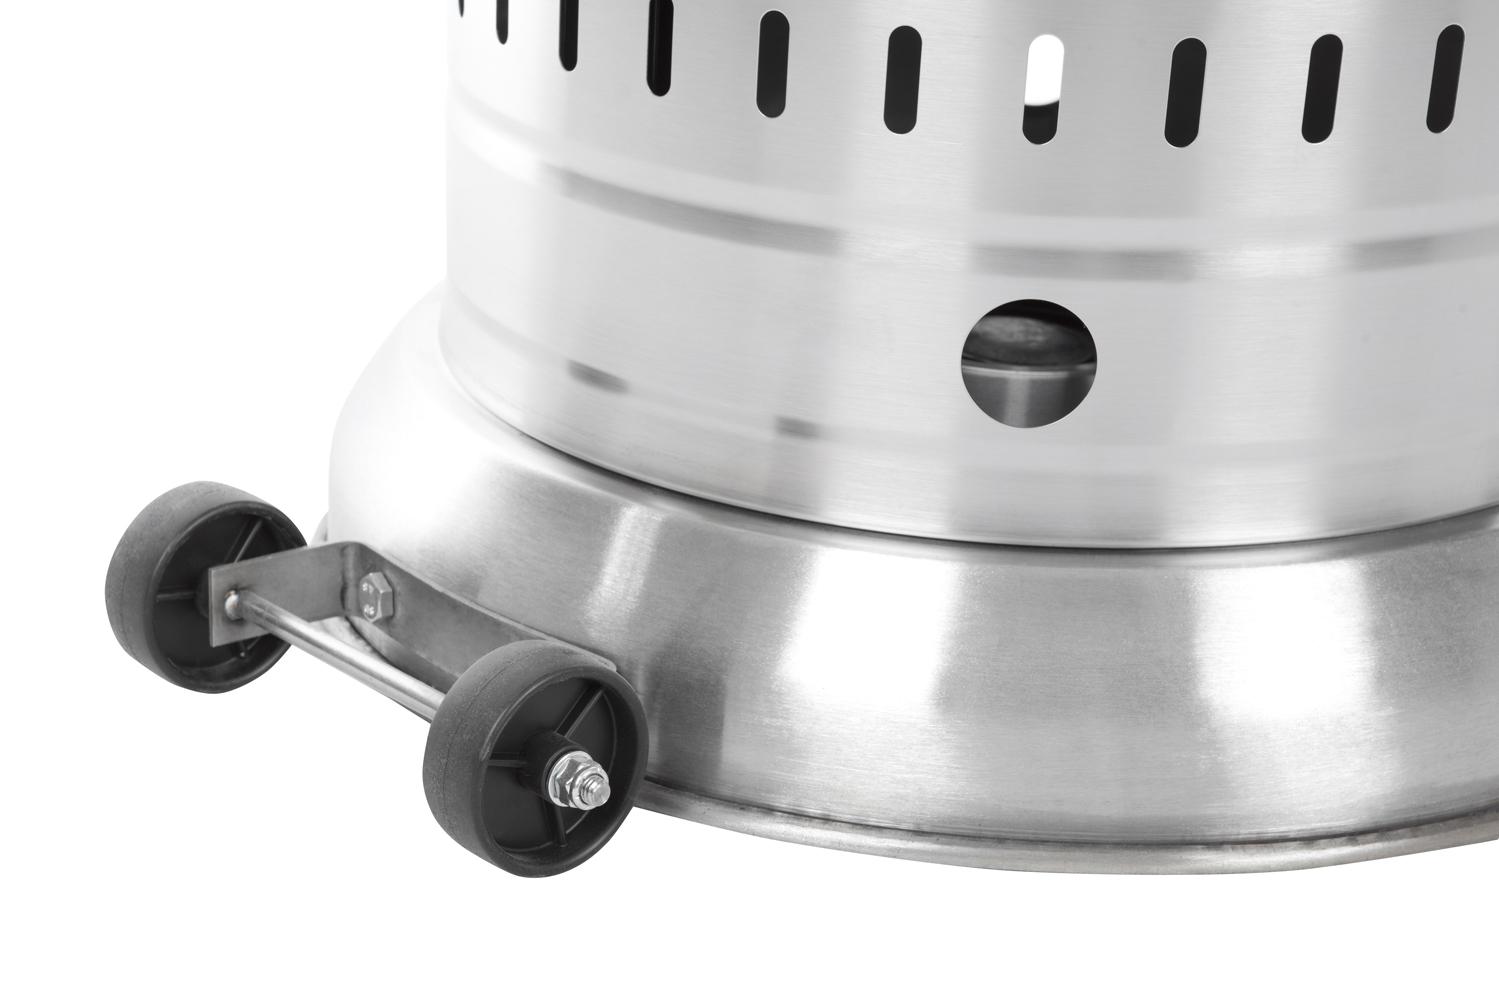 L10-SS-P-P-Wheels-1500-x-1000-300-DPI